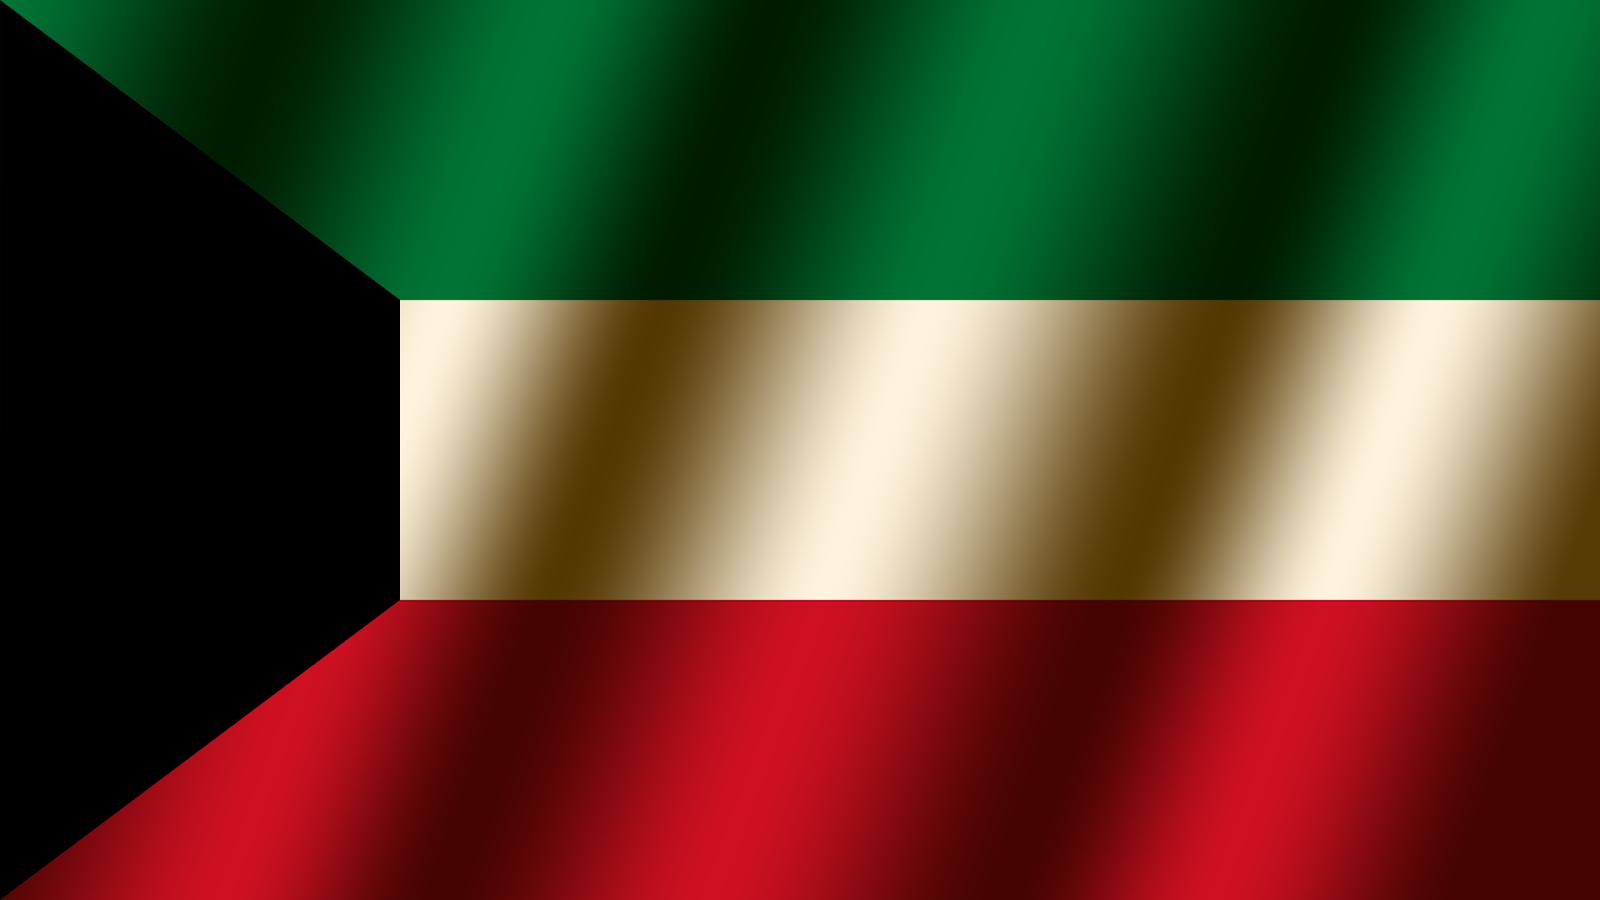 السعوديه والبحرين كاس الخليج 24